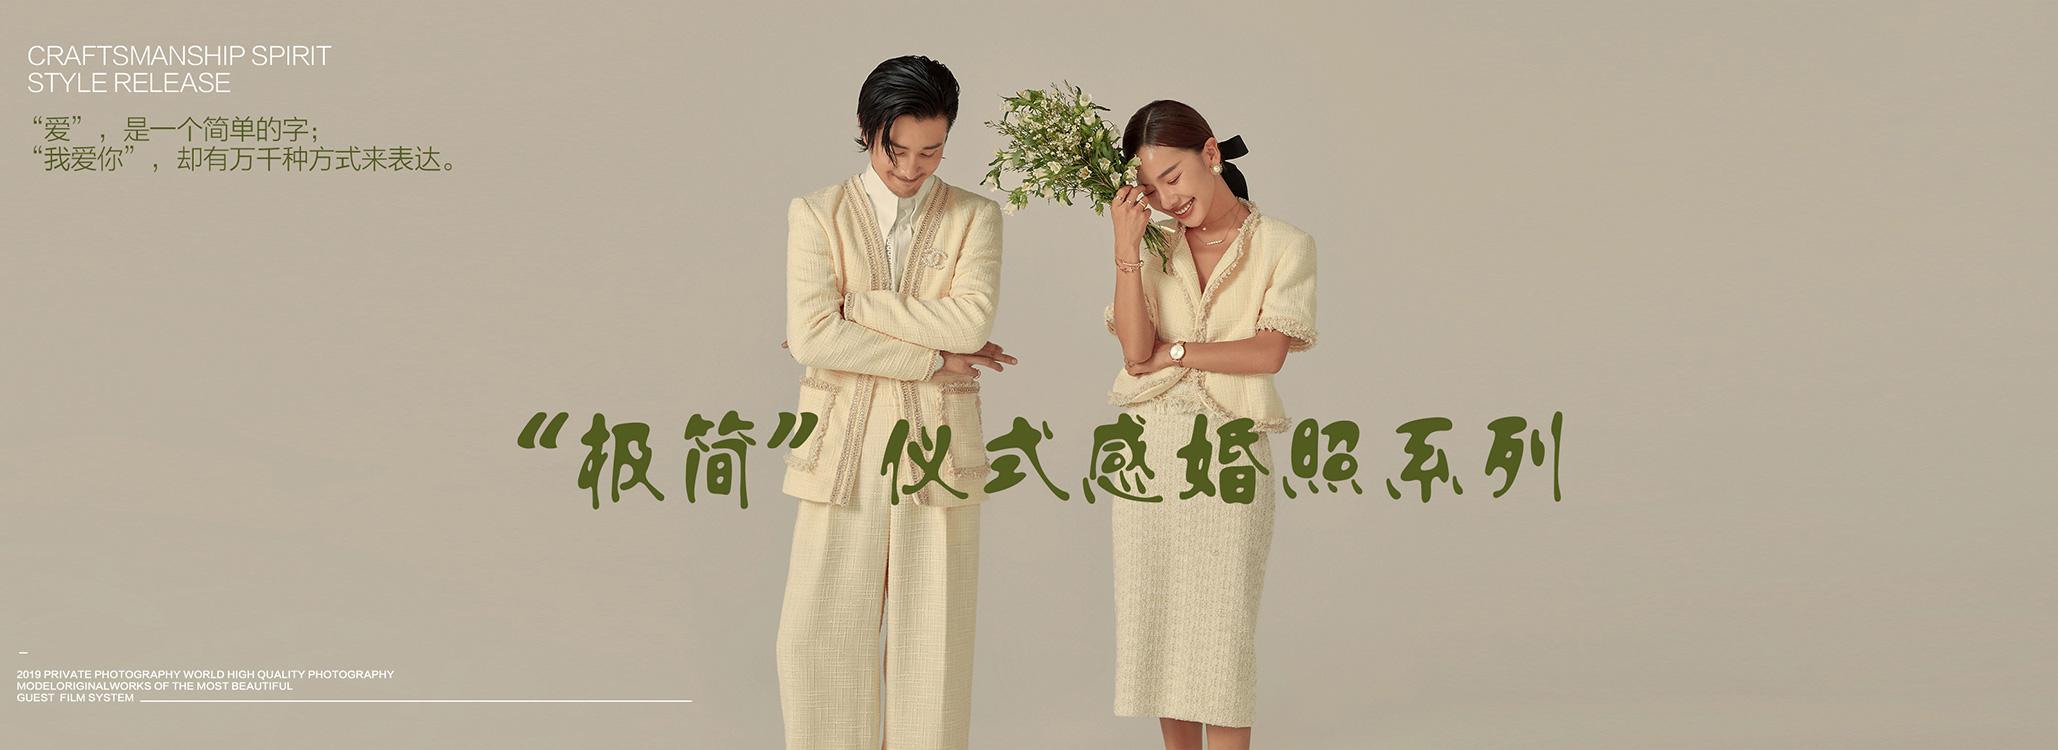 玛雅婚纱摄影  2020